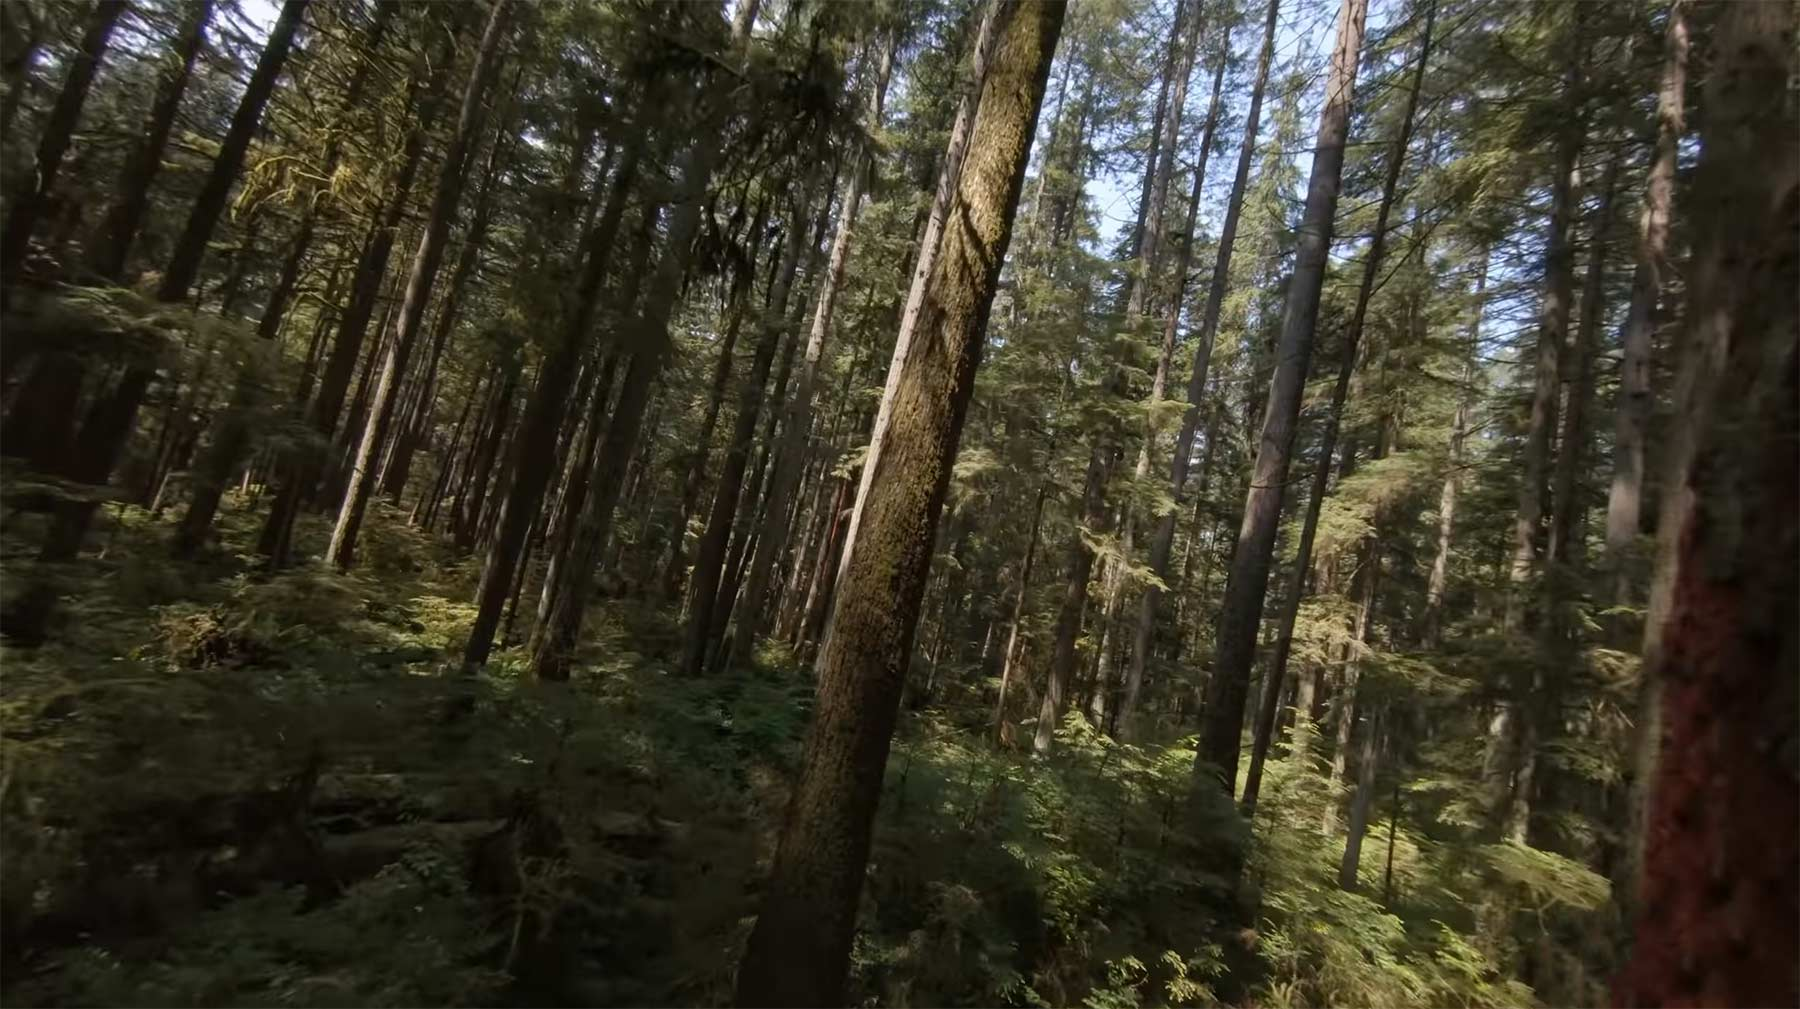 Ein entspannter Flug mit der Kameradrohne durch den Wald